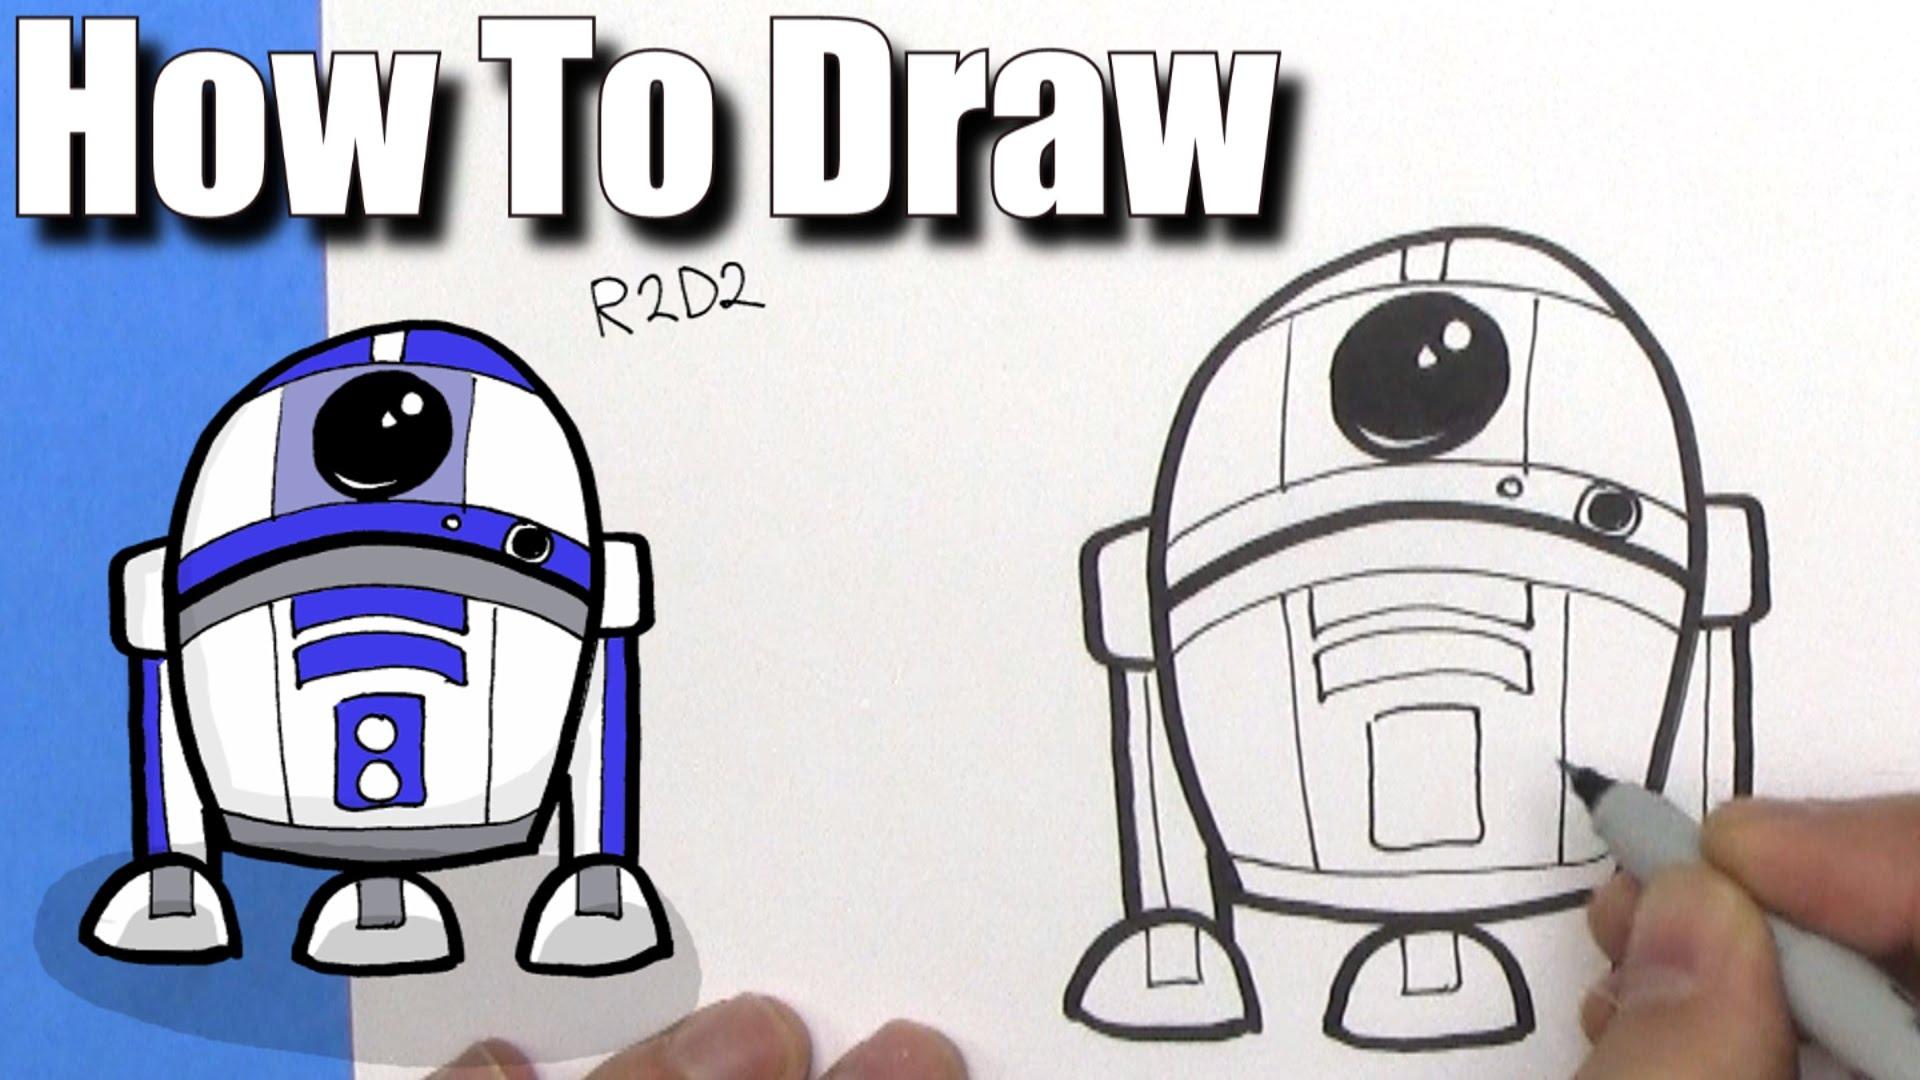 1920x1080 Star Wars Cartoon Drawing How To Draw Cute Cartoon R2d2 Droid